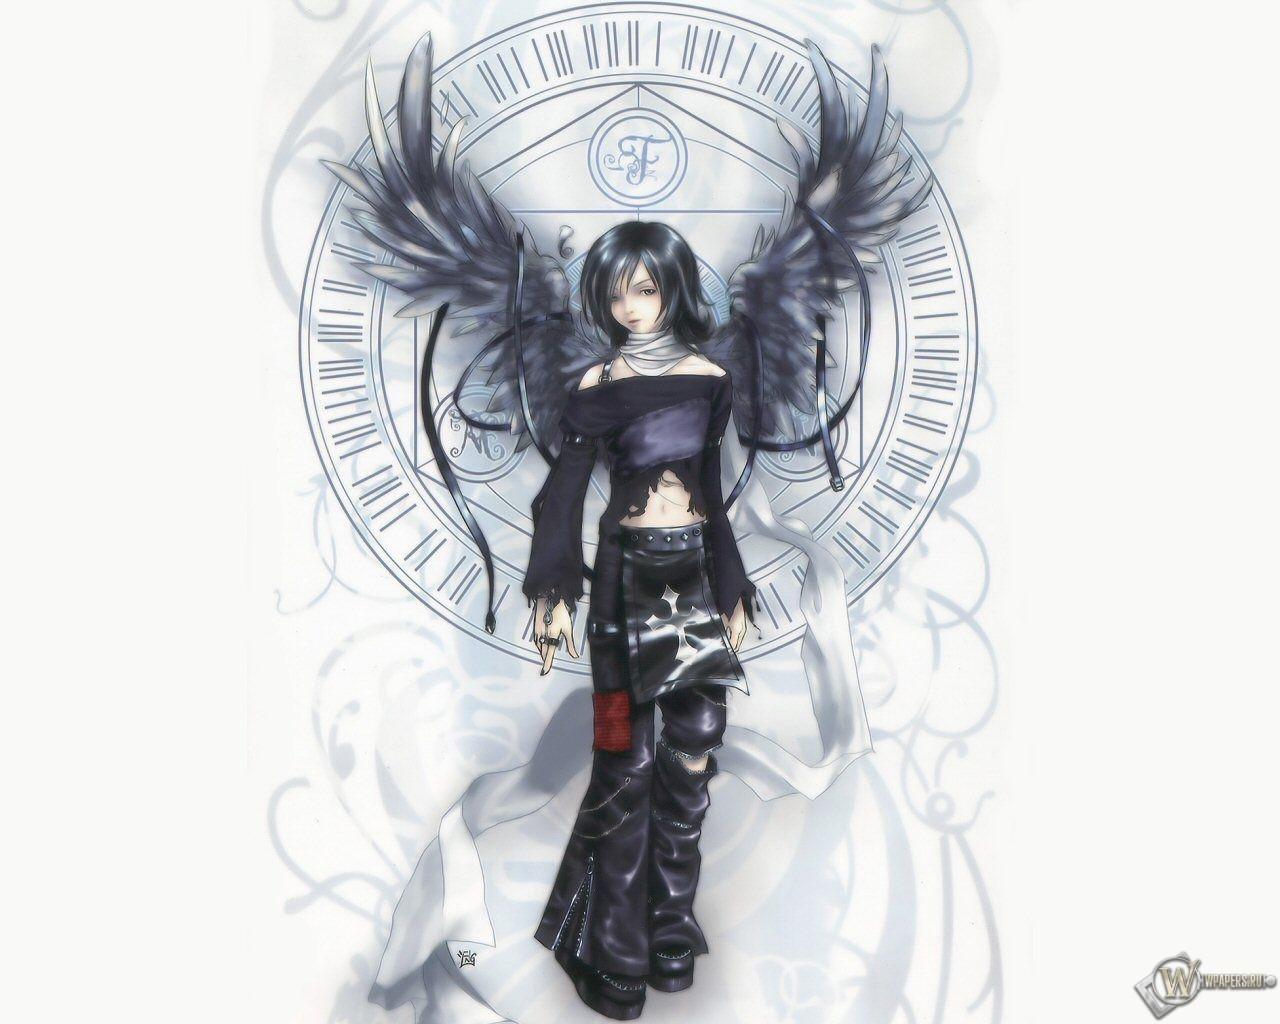 3D Девушка - ангел 1280x1024